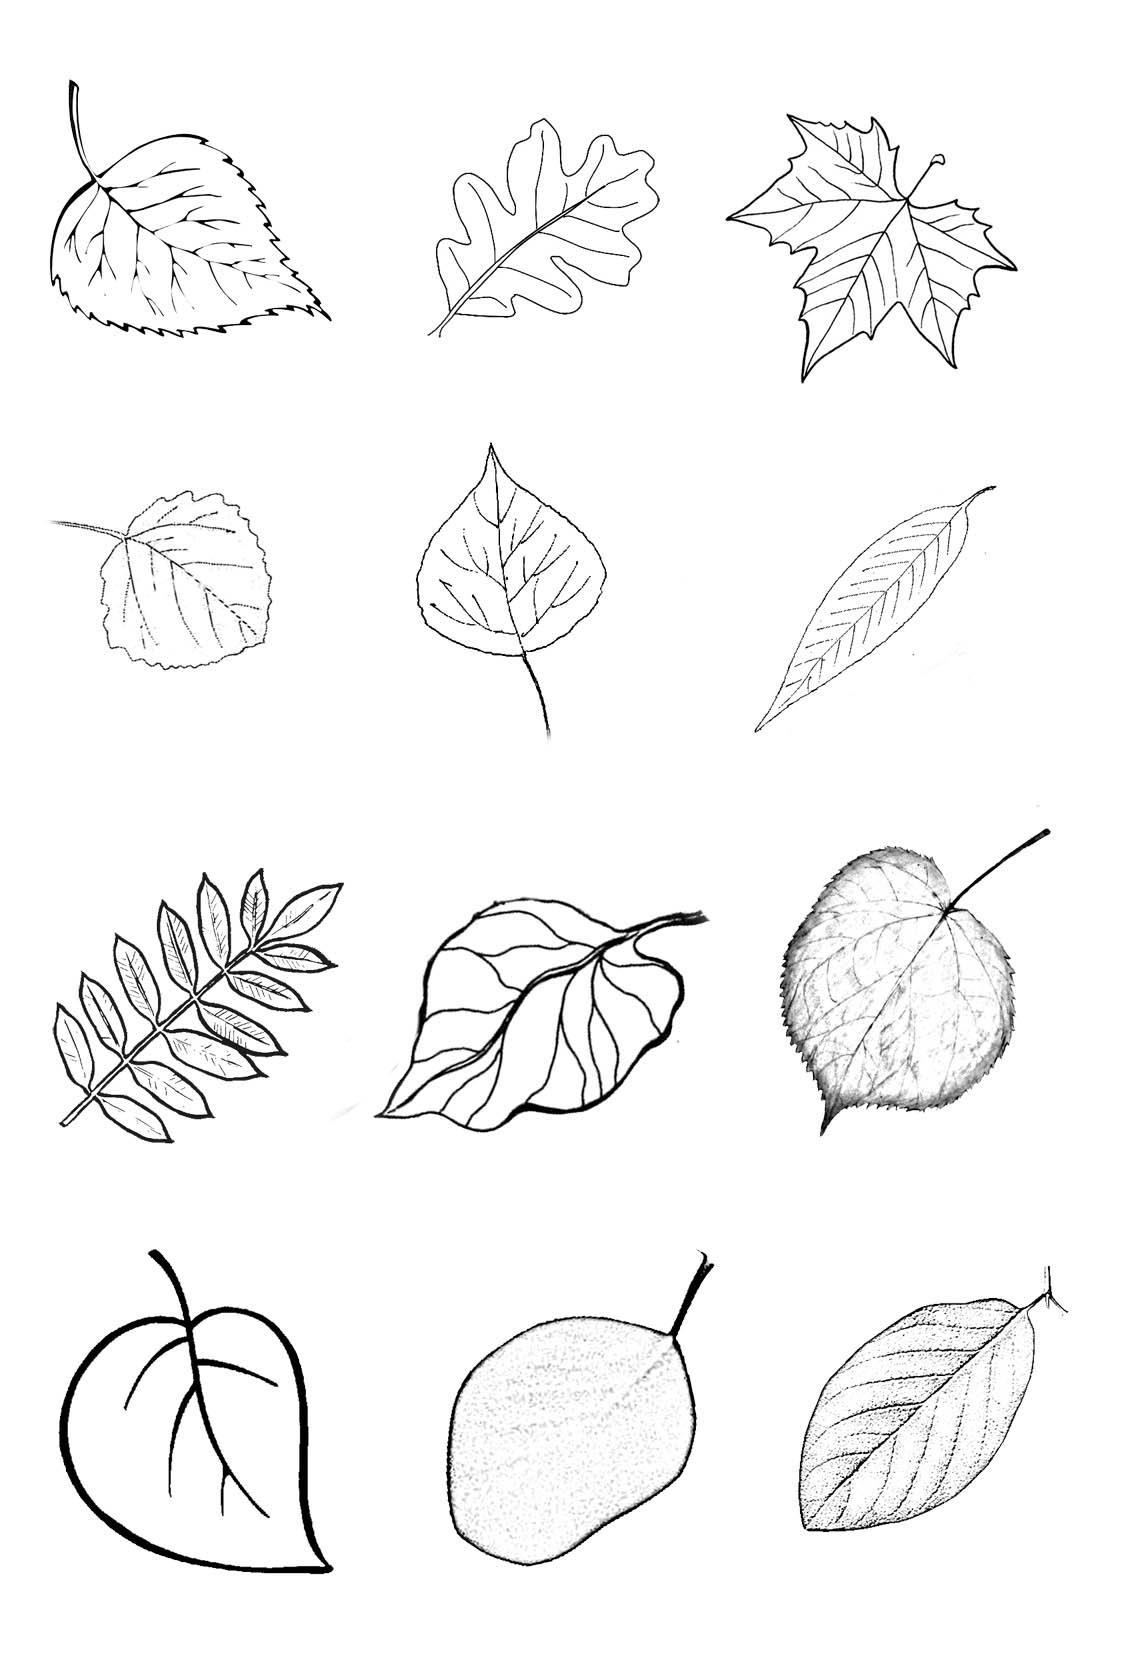 европа картинки для рисования листья деревьев так благополучной страны